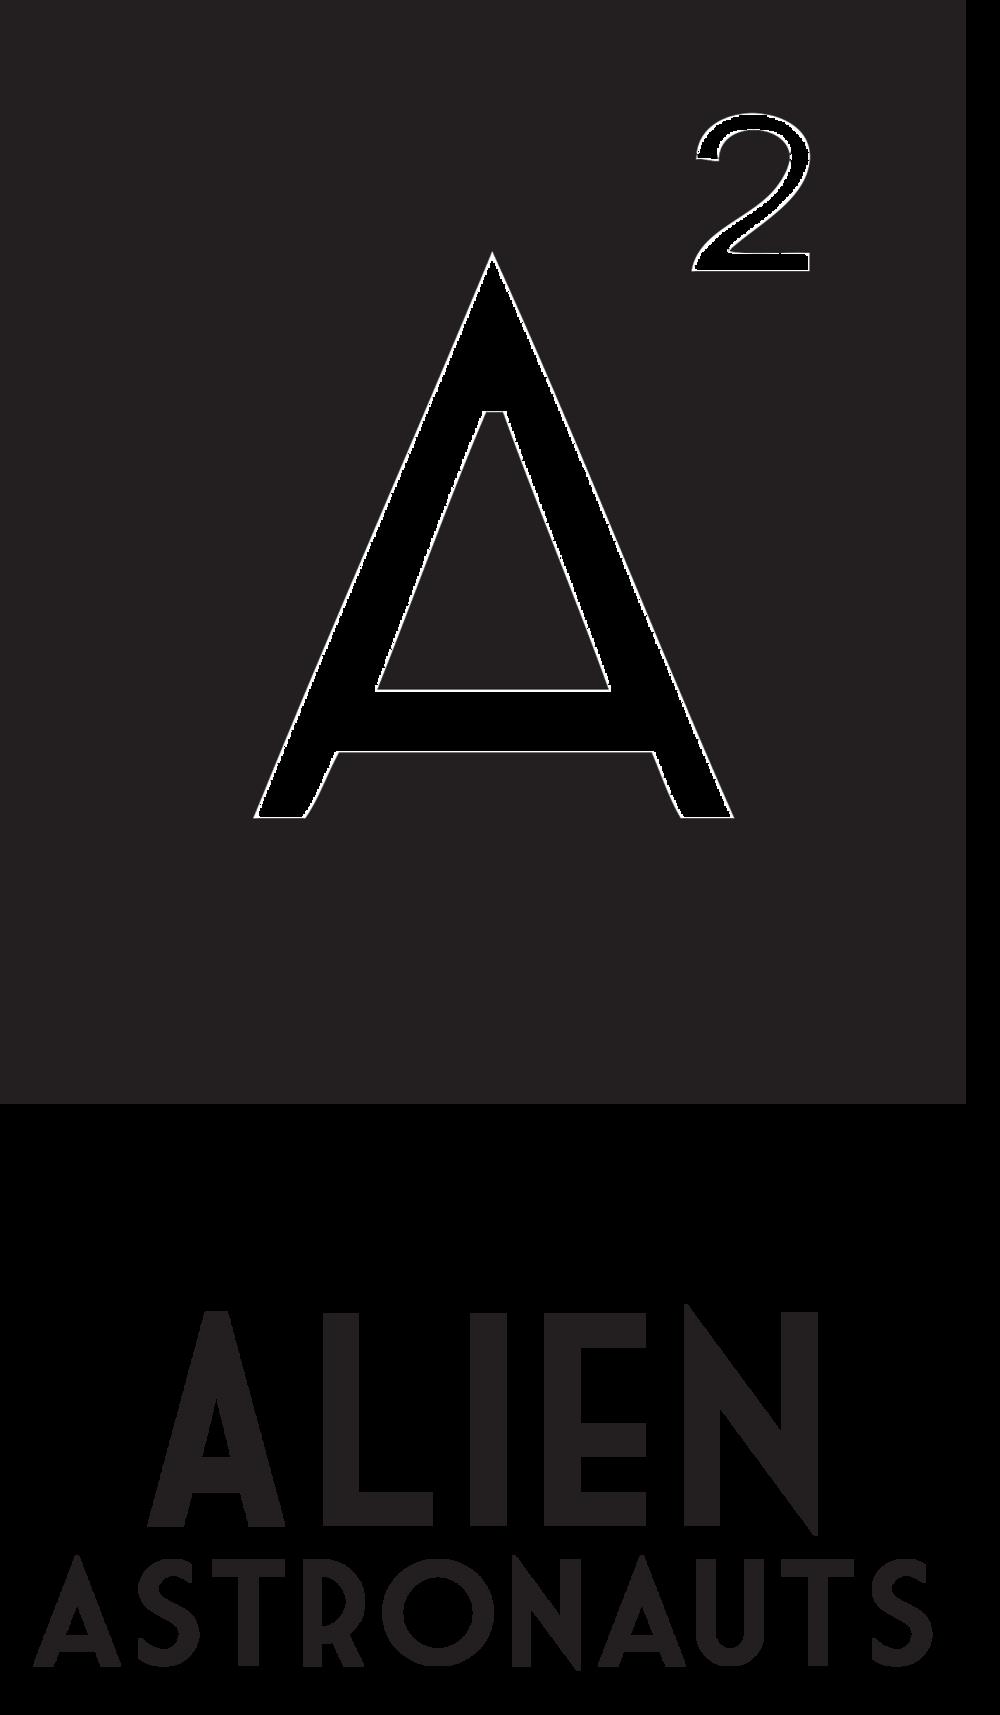 Alien Astronauts.png